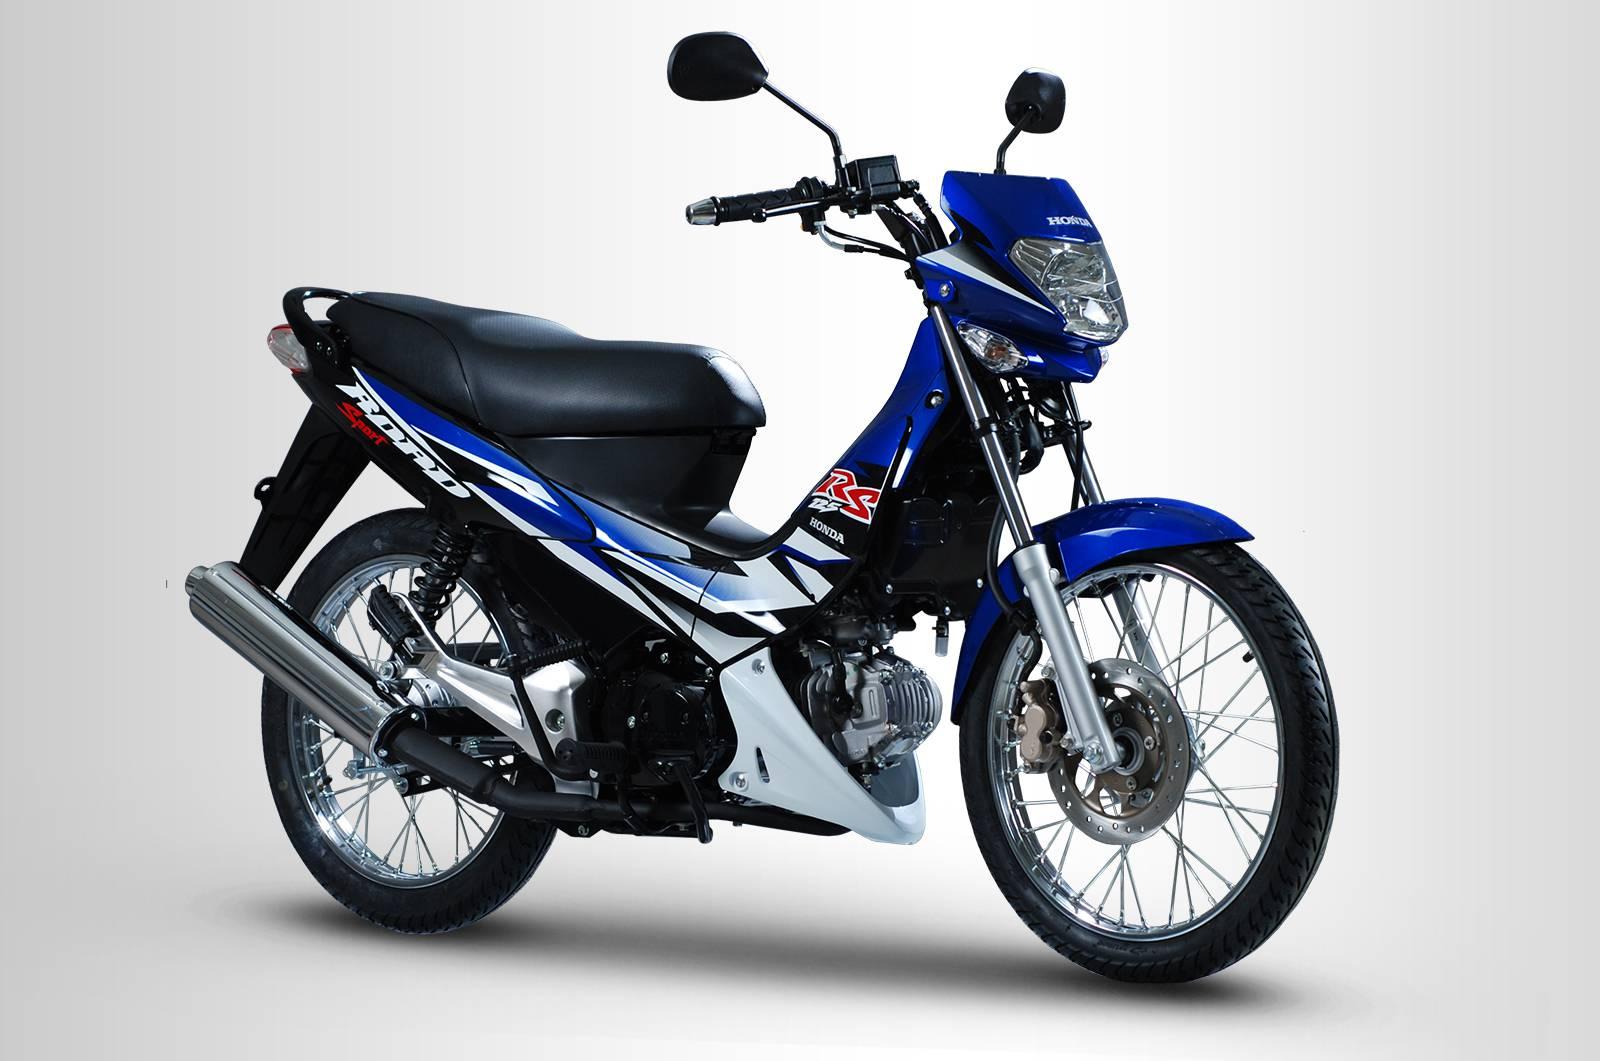 HONDA XRM 125 RS